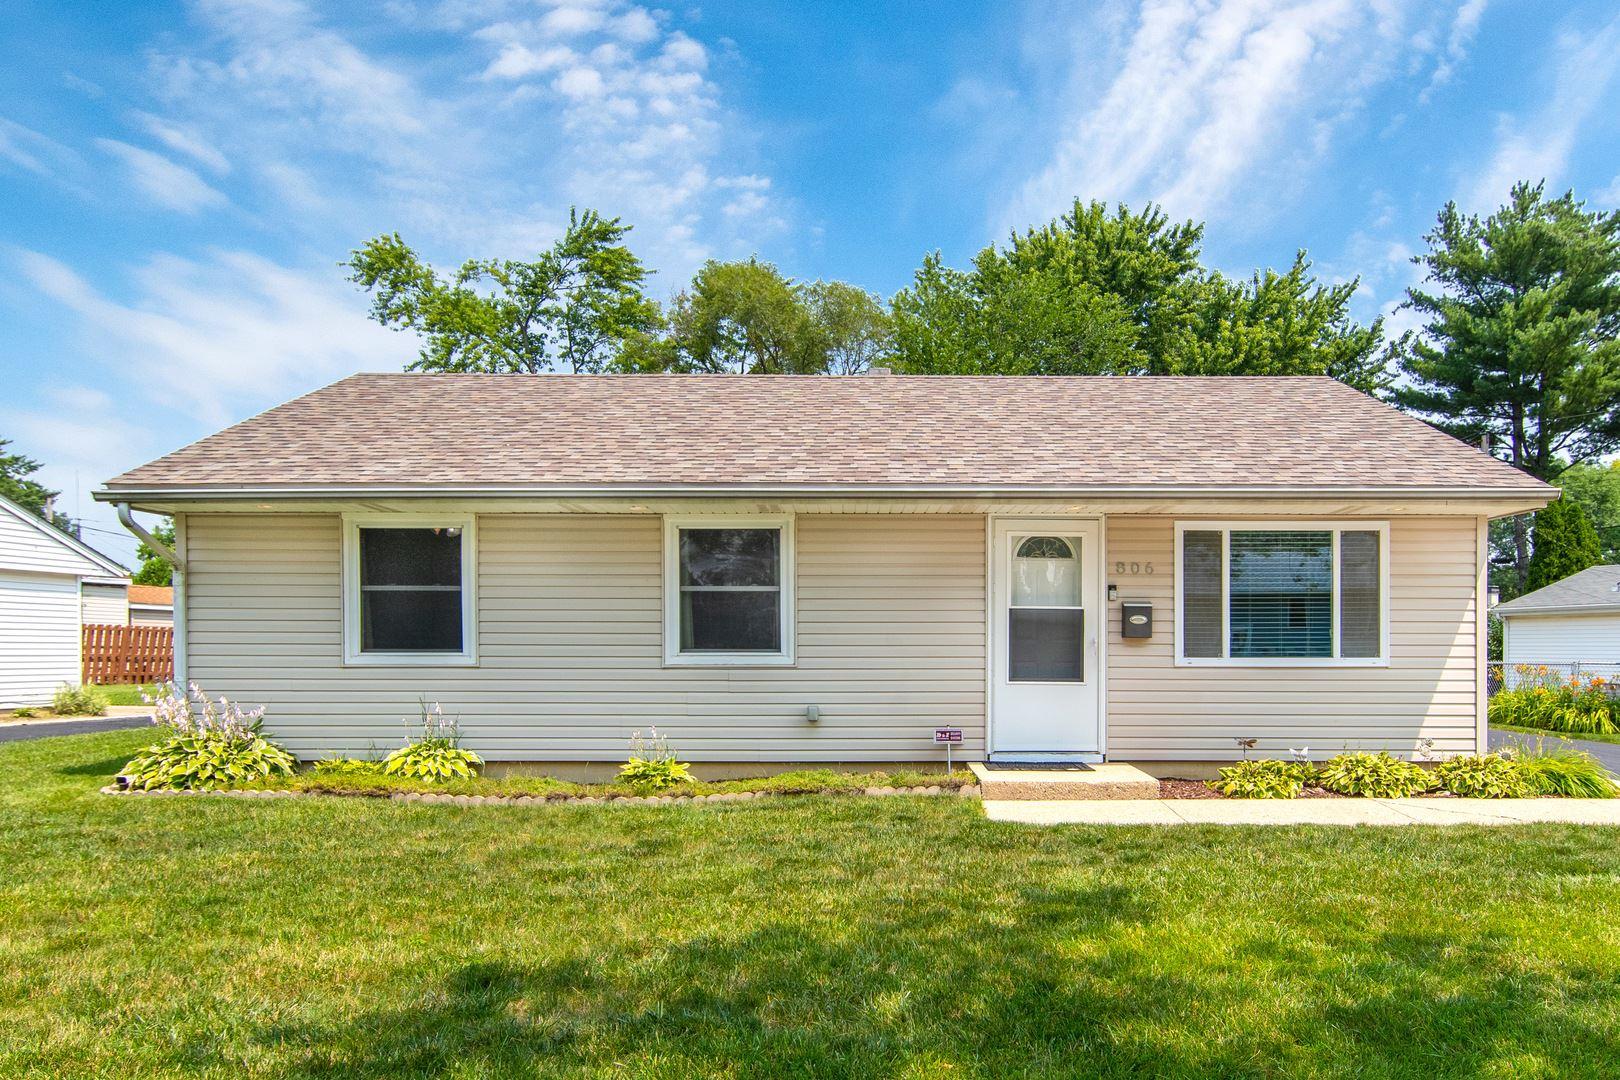 Photo of 806 Cypress Lane, Joliet, IL 60435 (MLS # 11165260)